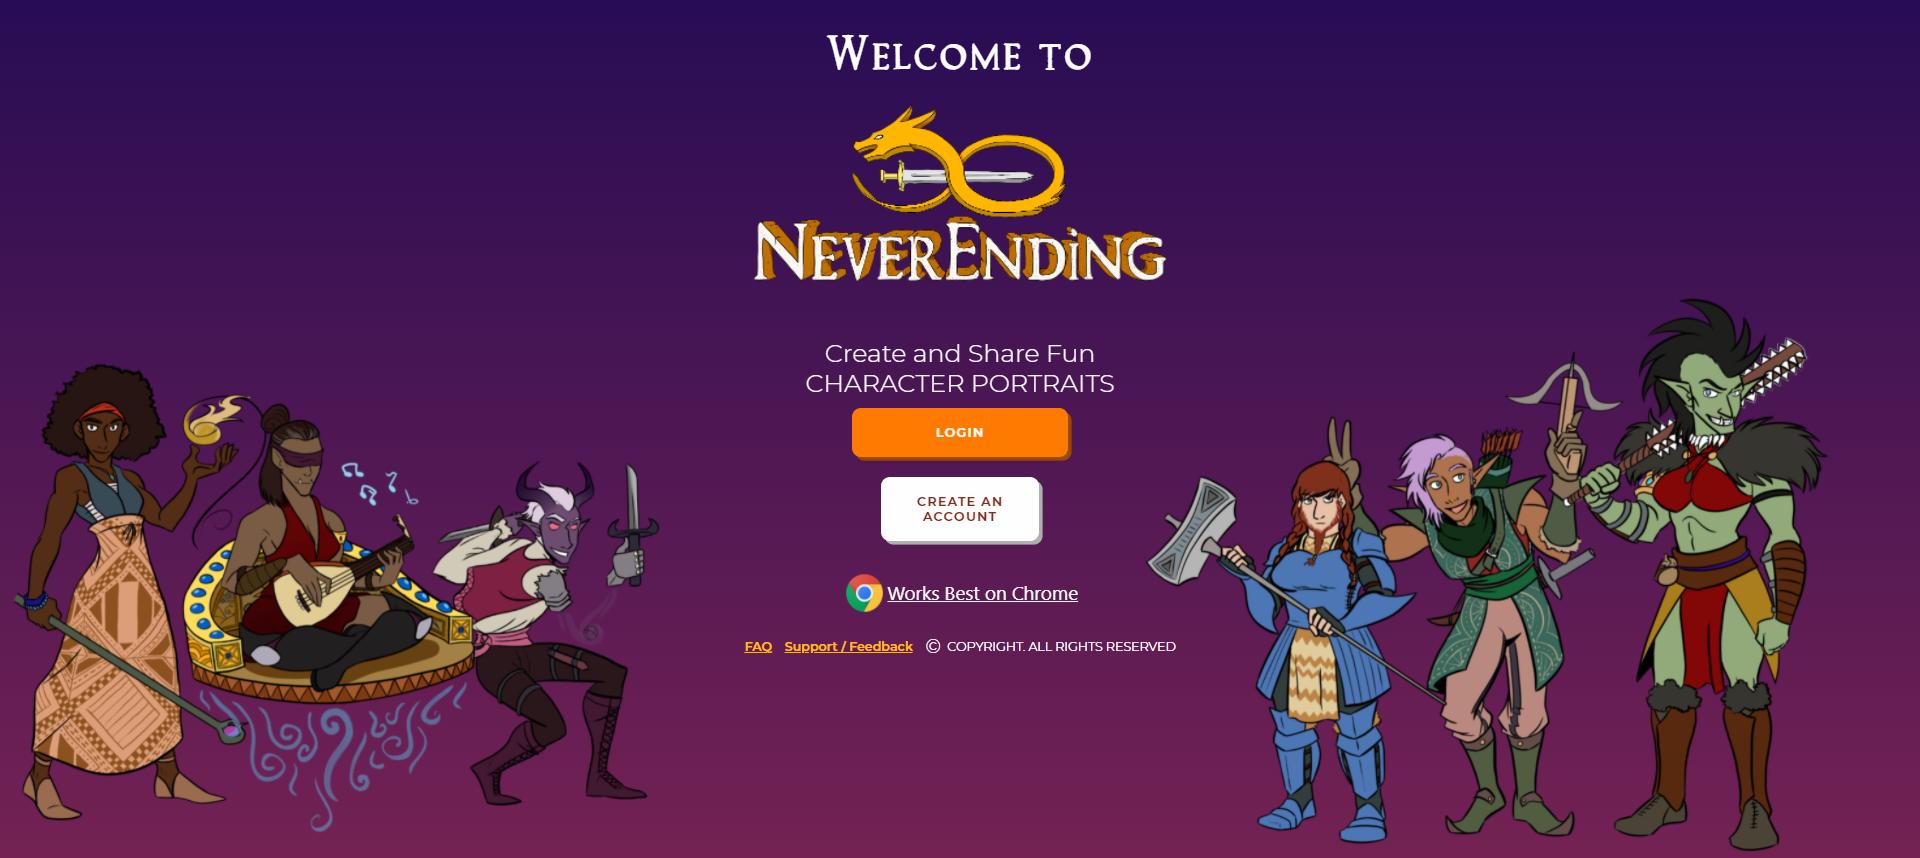 NeverEnding Main Screen.png